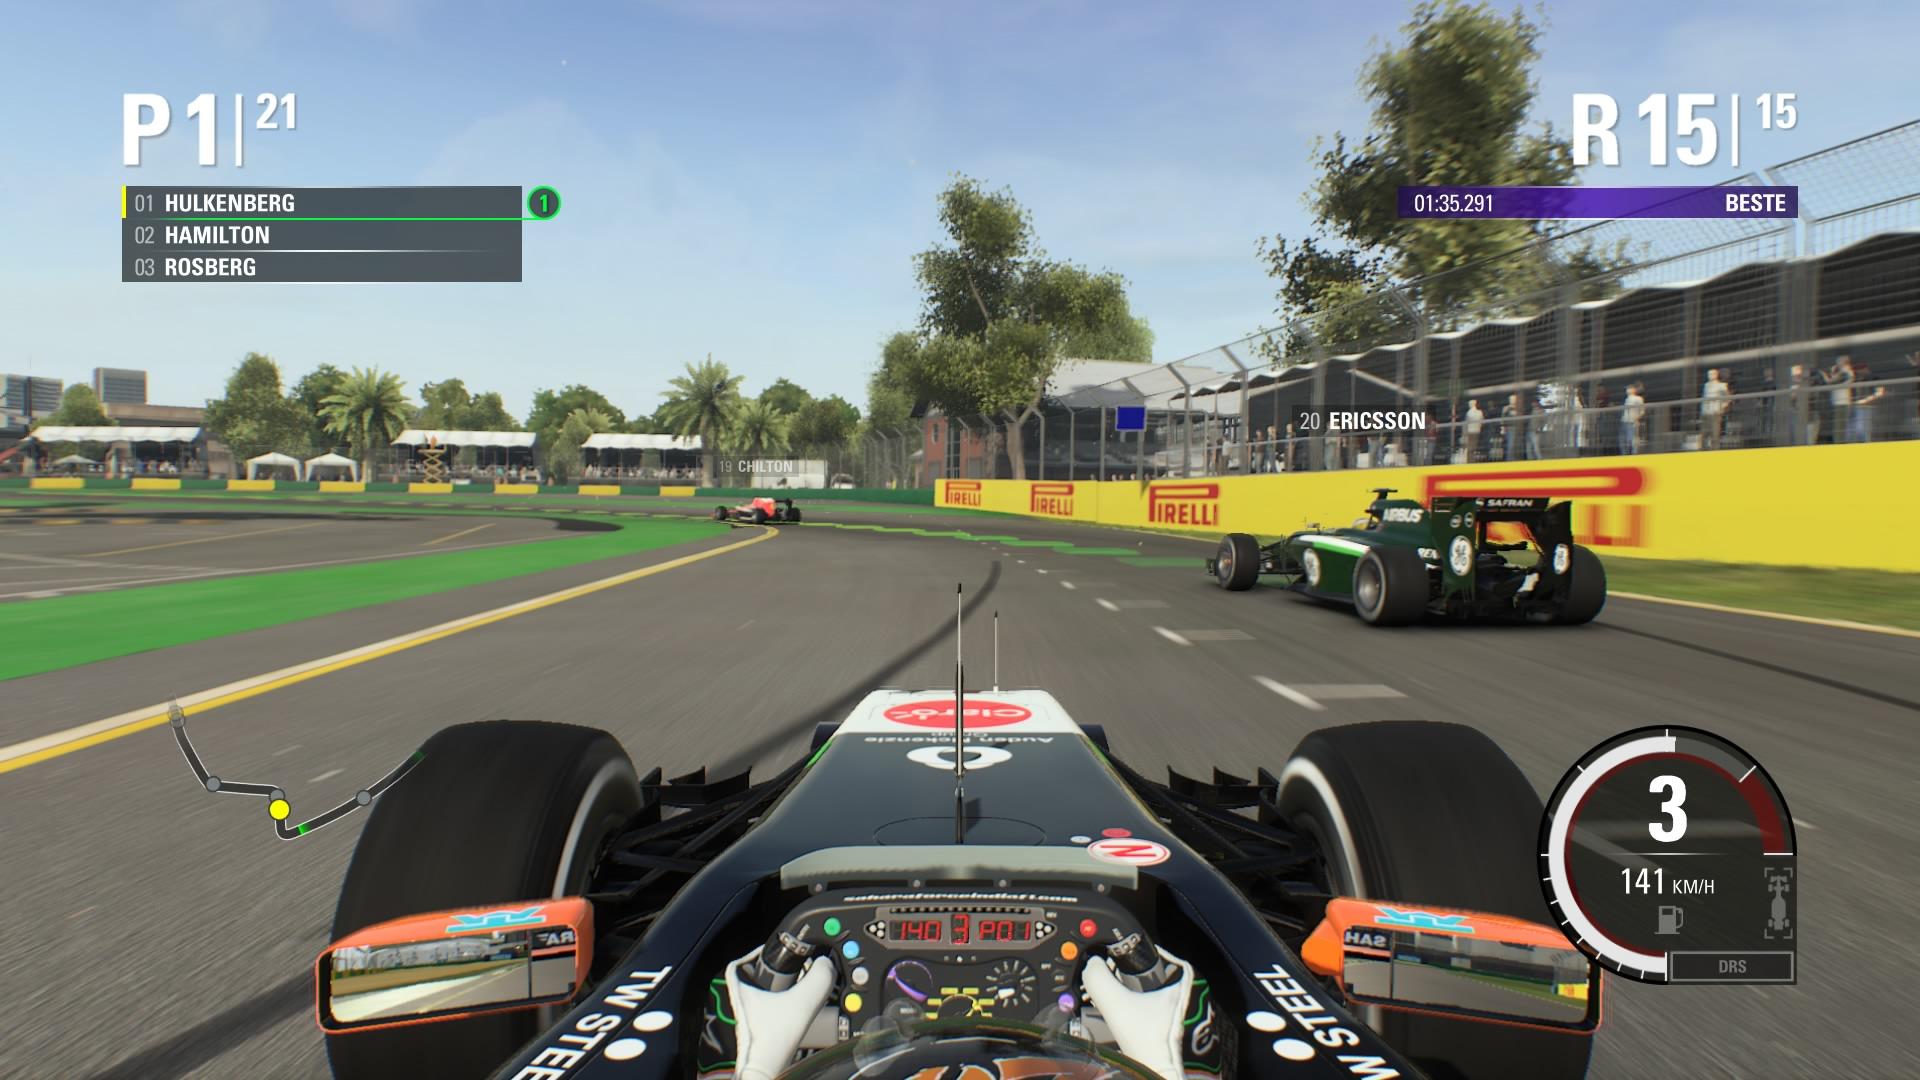 Besonders nach dem Start braucht es ein wenig Zeit, bis die Fahrer sich verteilt haben.